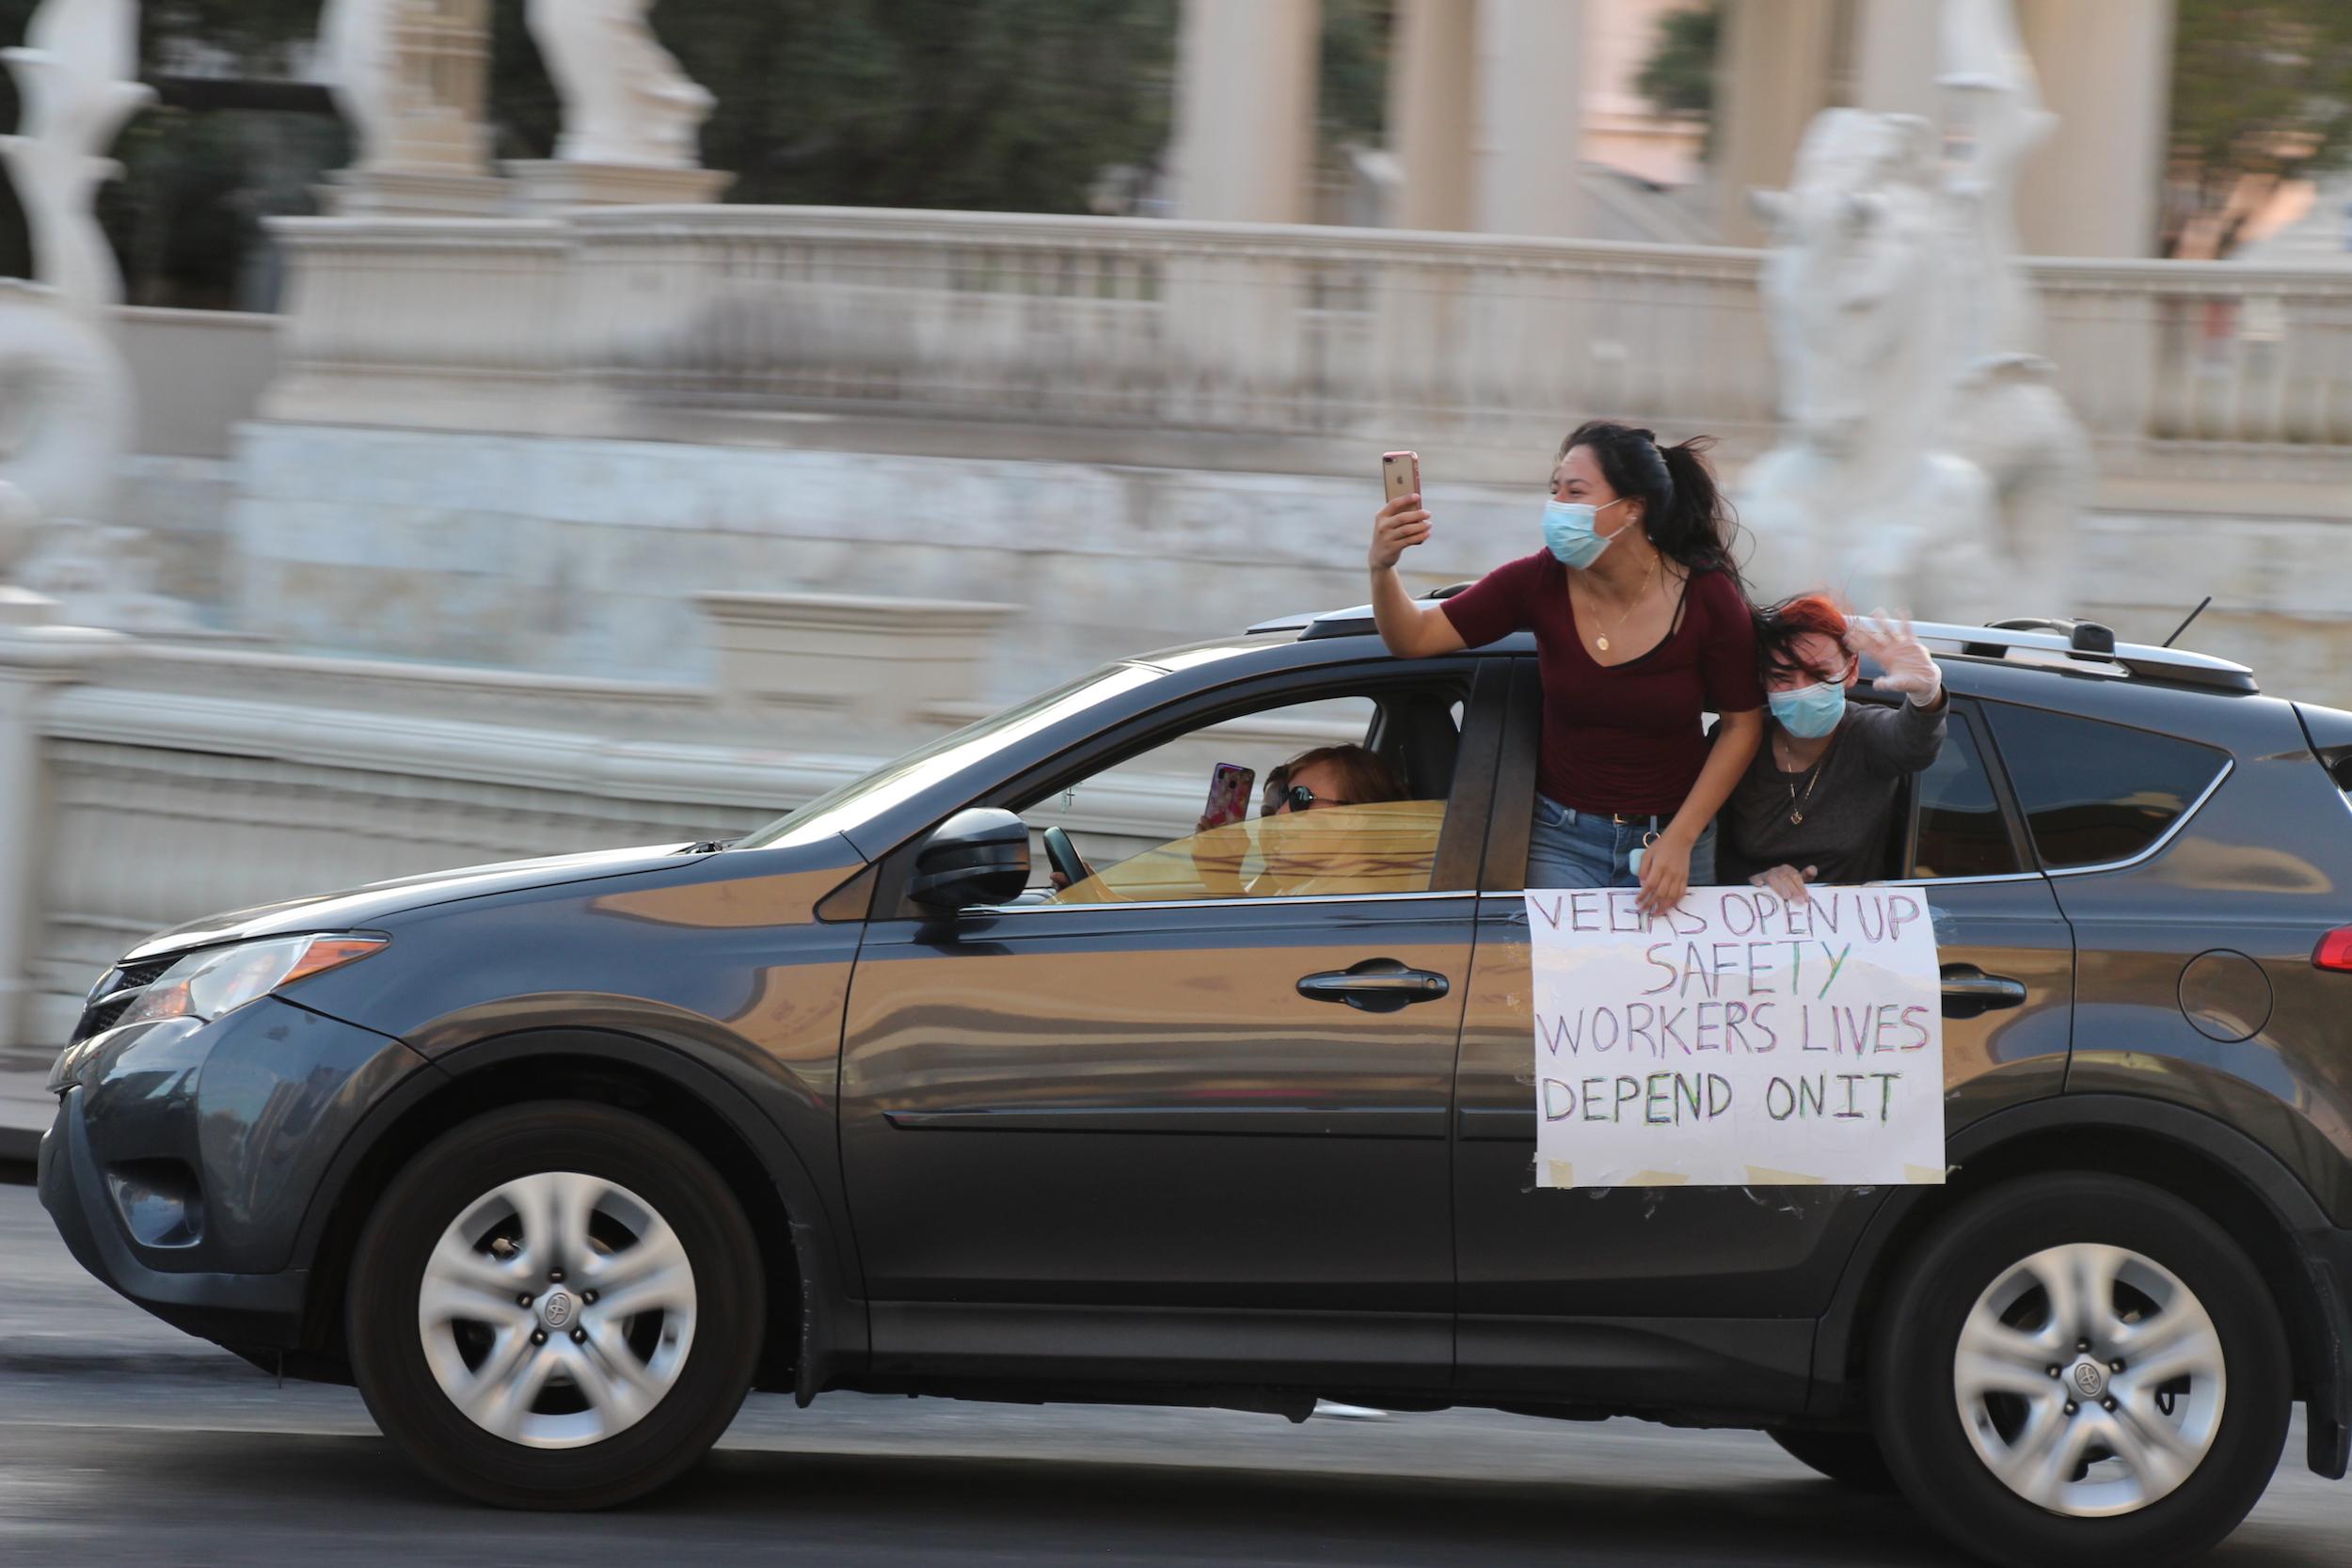 Una mujer saca la cabeza de un auto para llamar atención a la salud de los trabajadores de casinos.